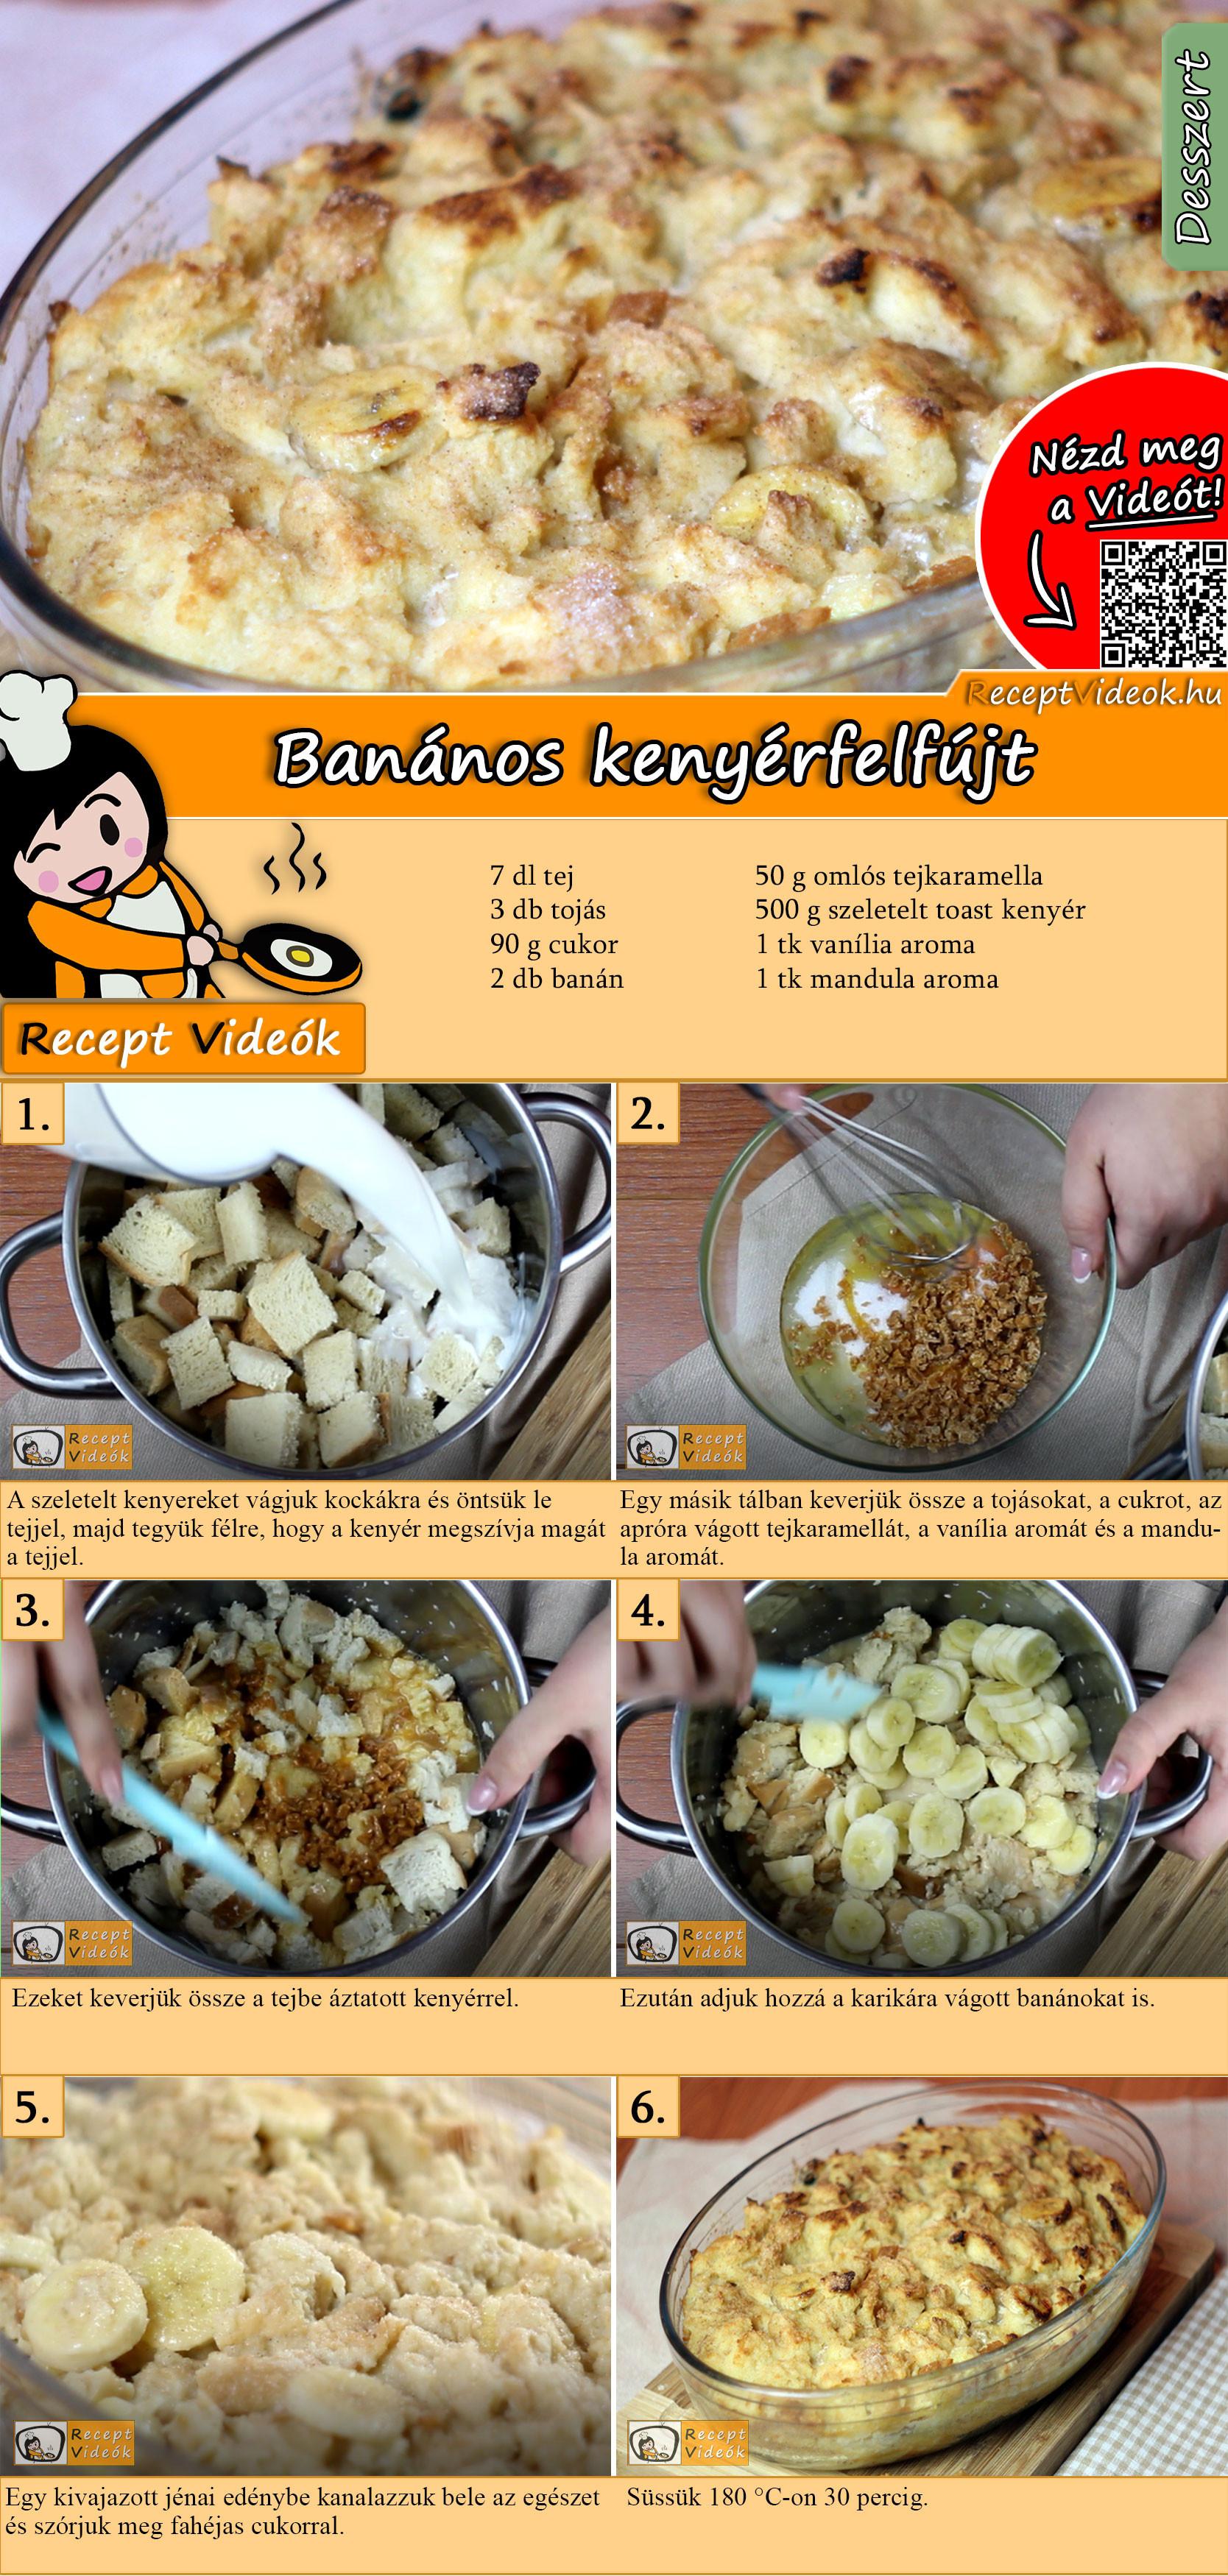 Banános kenyérfelfújt recept elkészítése videóval